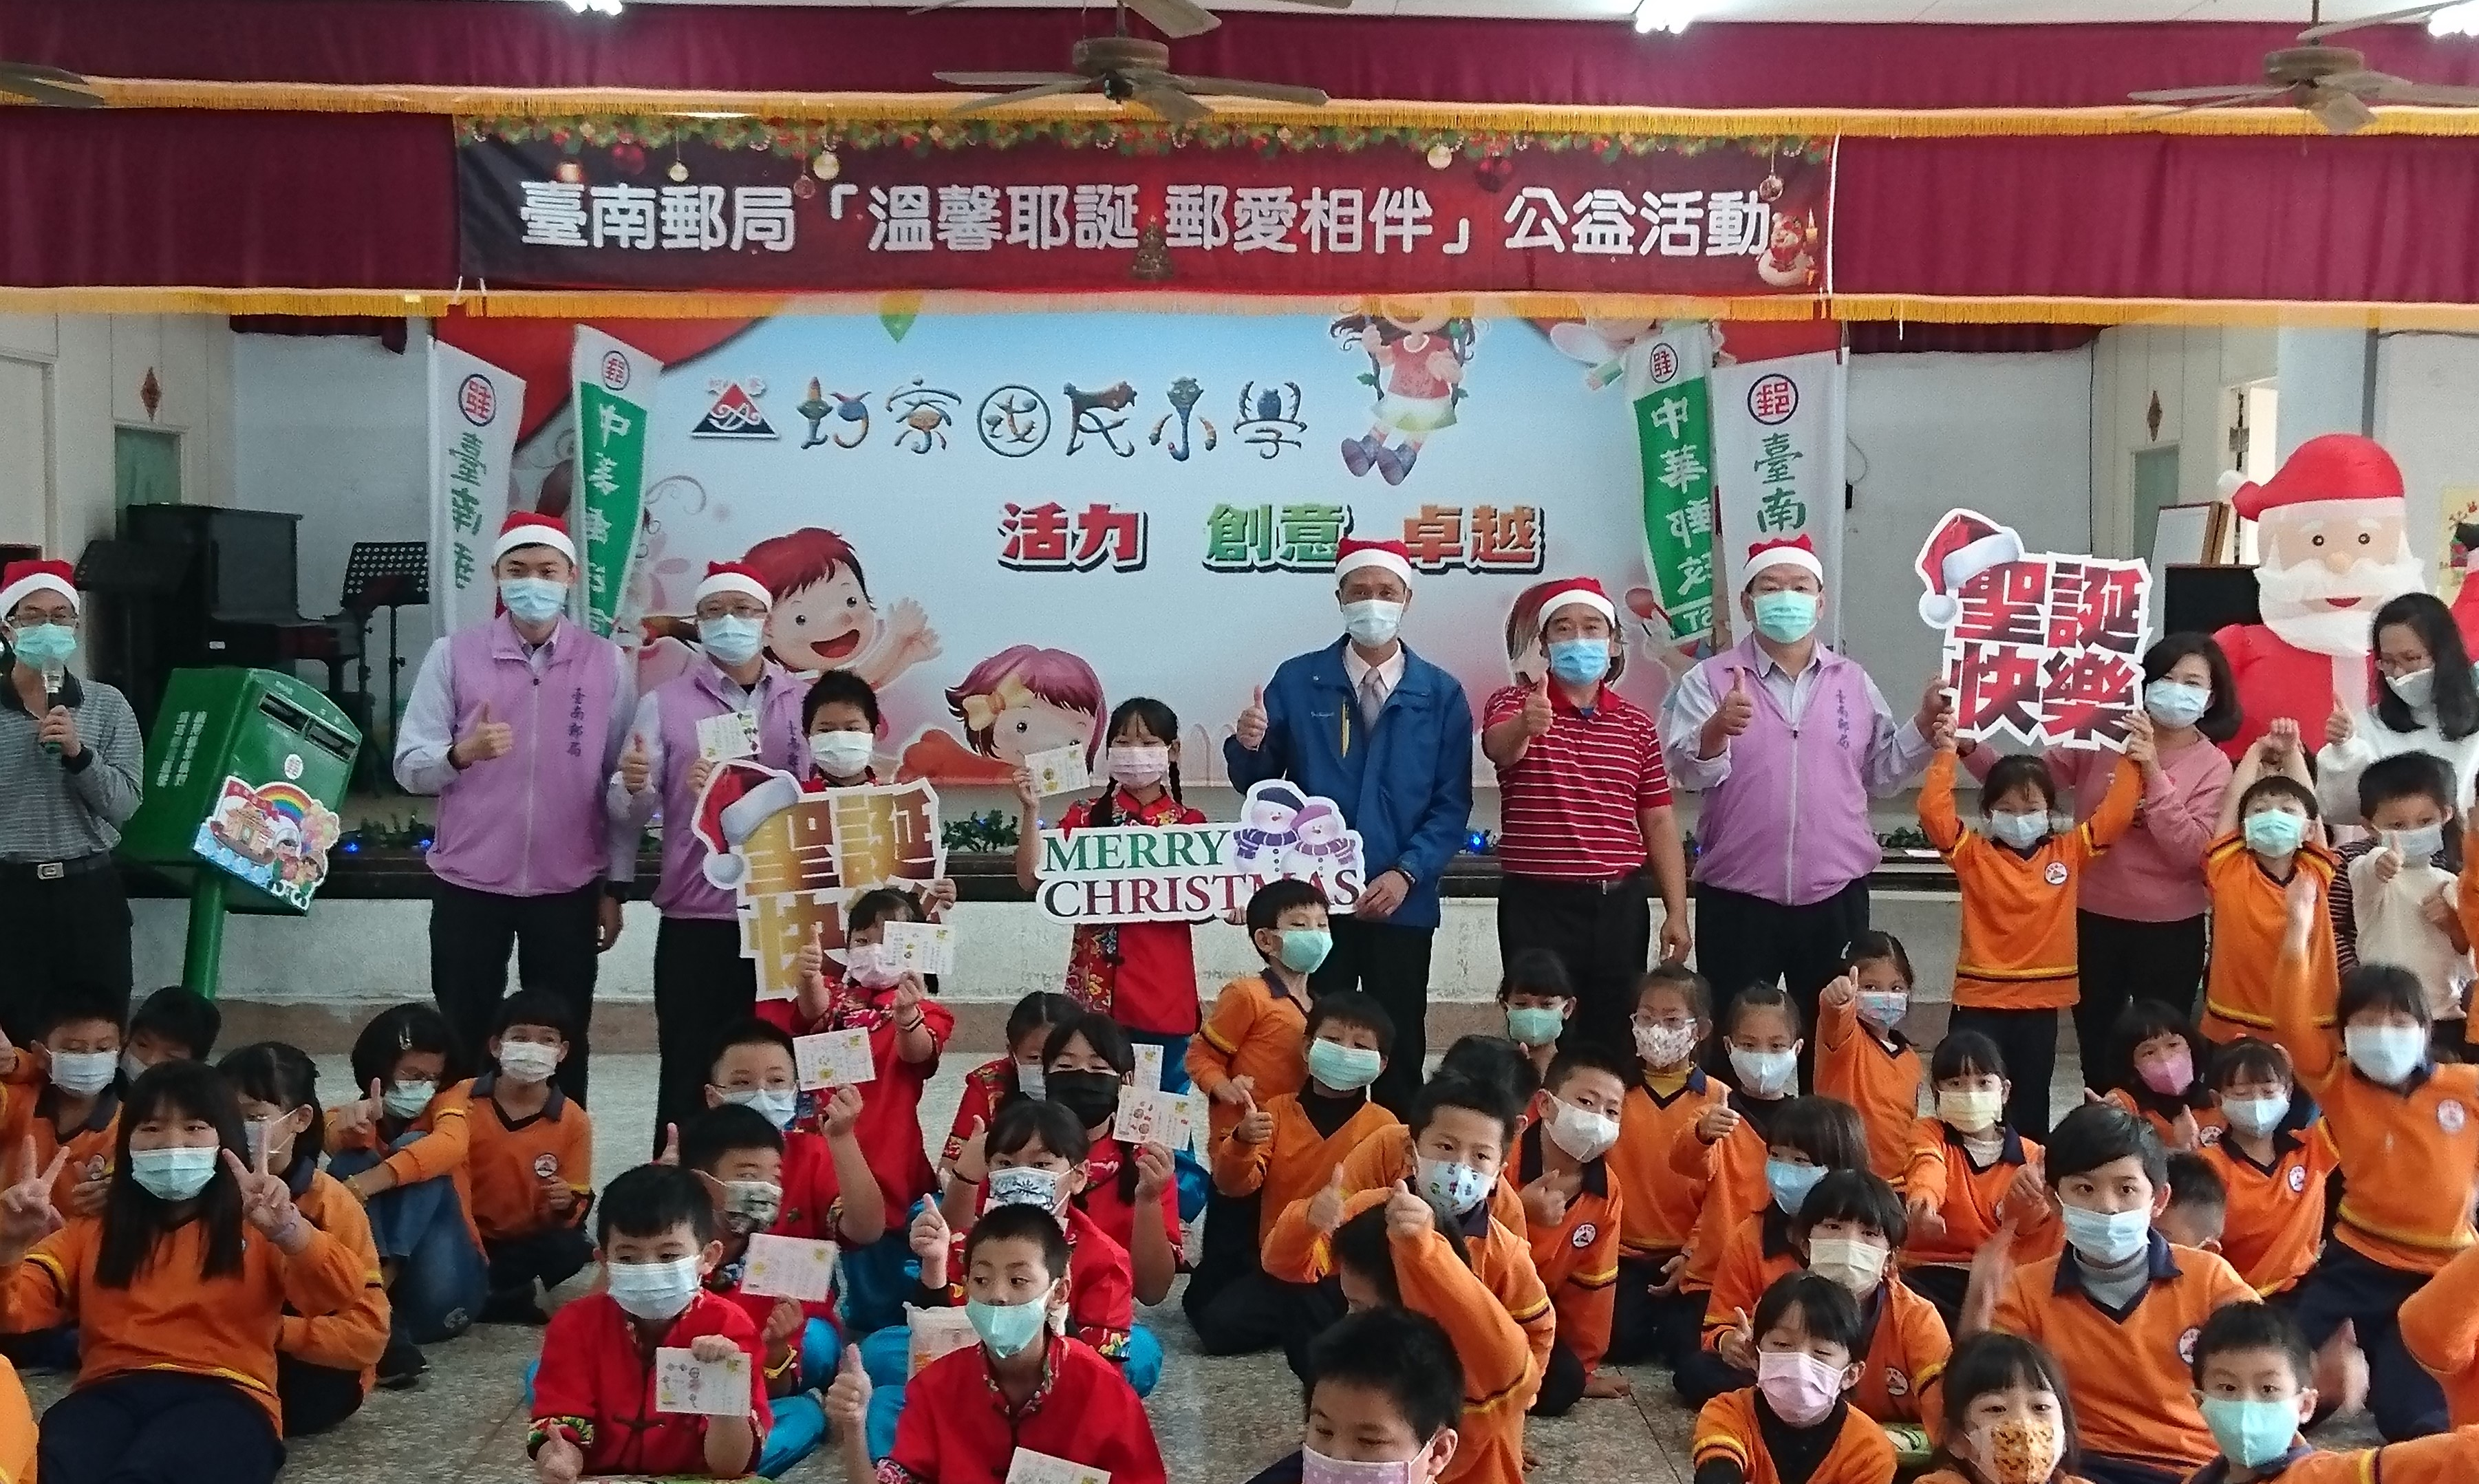 「 公益耶誕 郵愛相伴」活動  送暖偏鄉孩童 點燃幸福之光